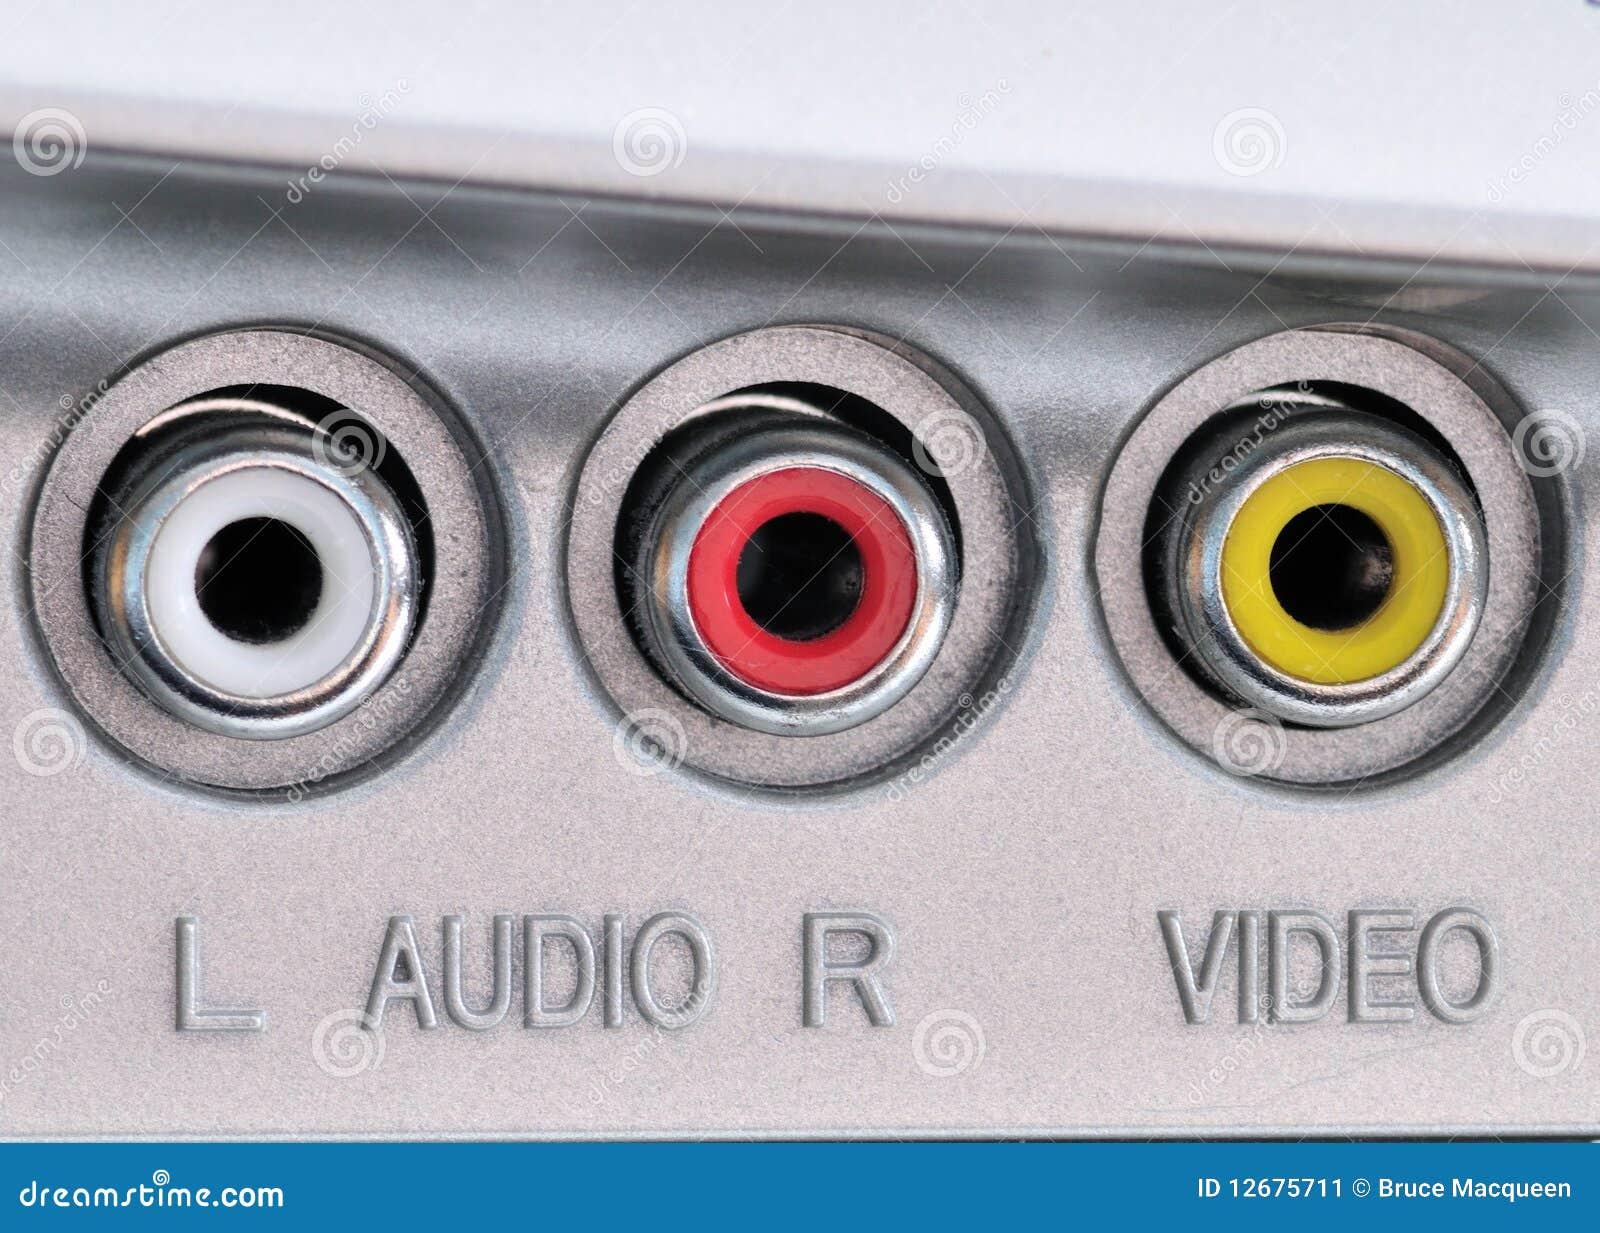 Audio Video Jacks